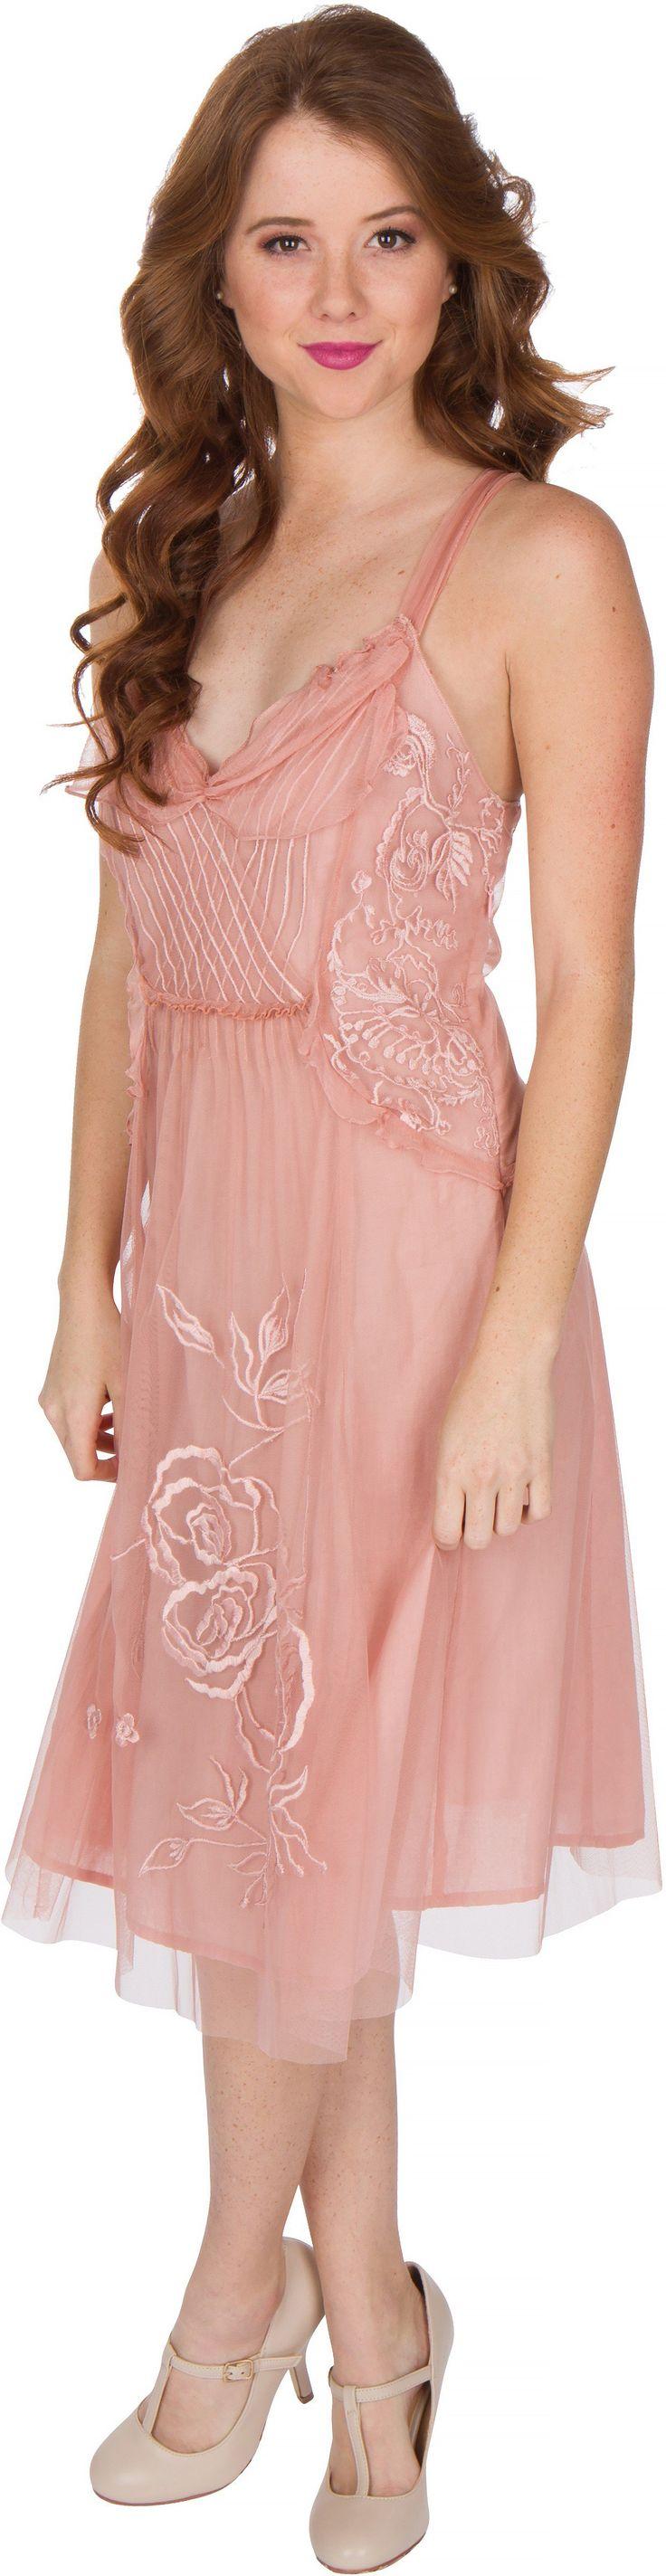 Magnífico 1920 Prom Dress Patrón - Colección de Vestidos de Boda ...